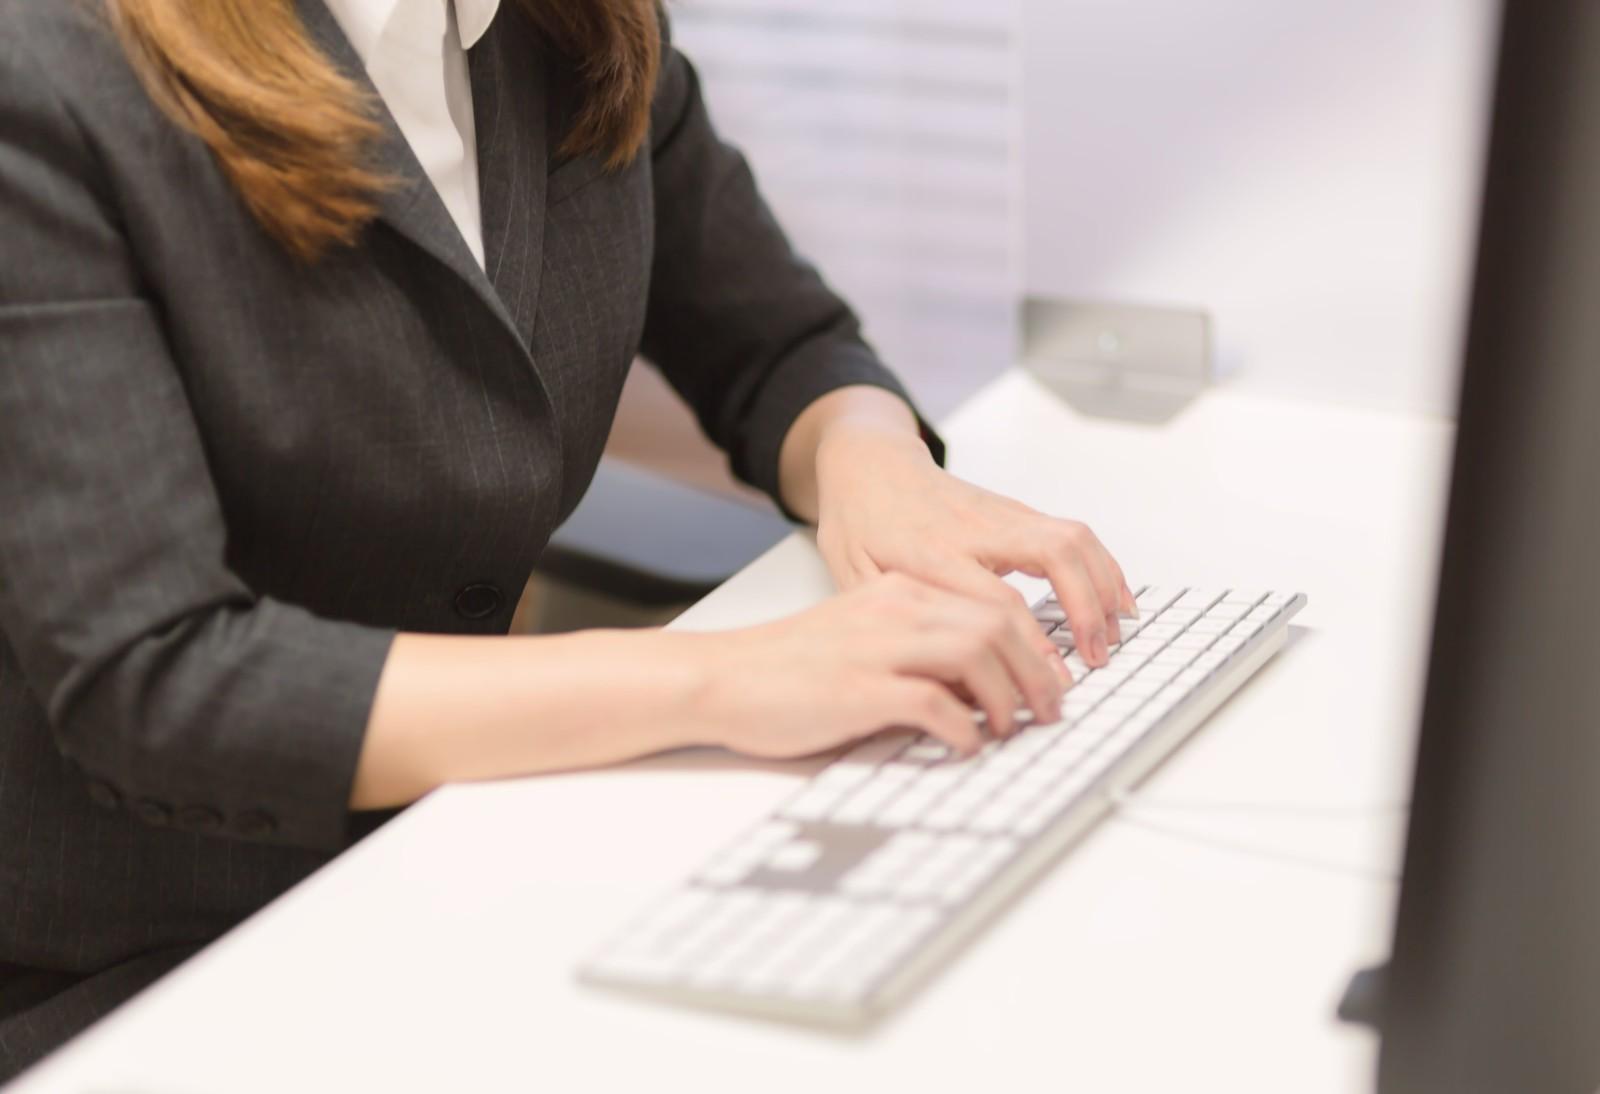 紹介予定派遣から正社員になった流れと、正社員になる場合の注意点